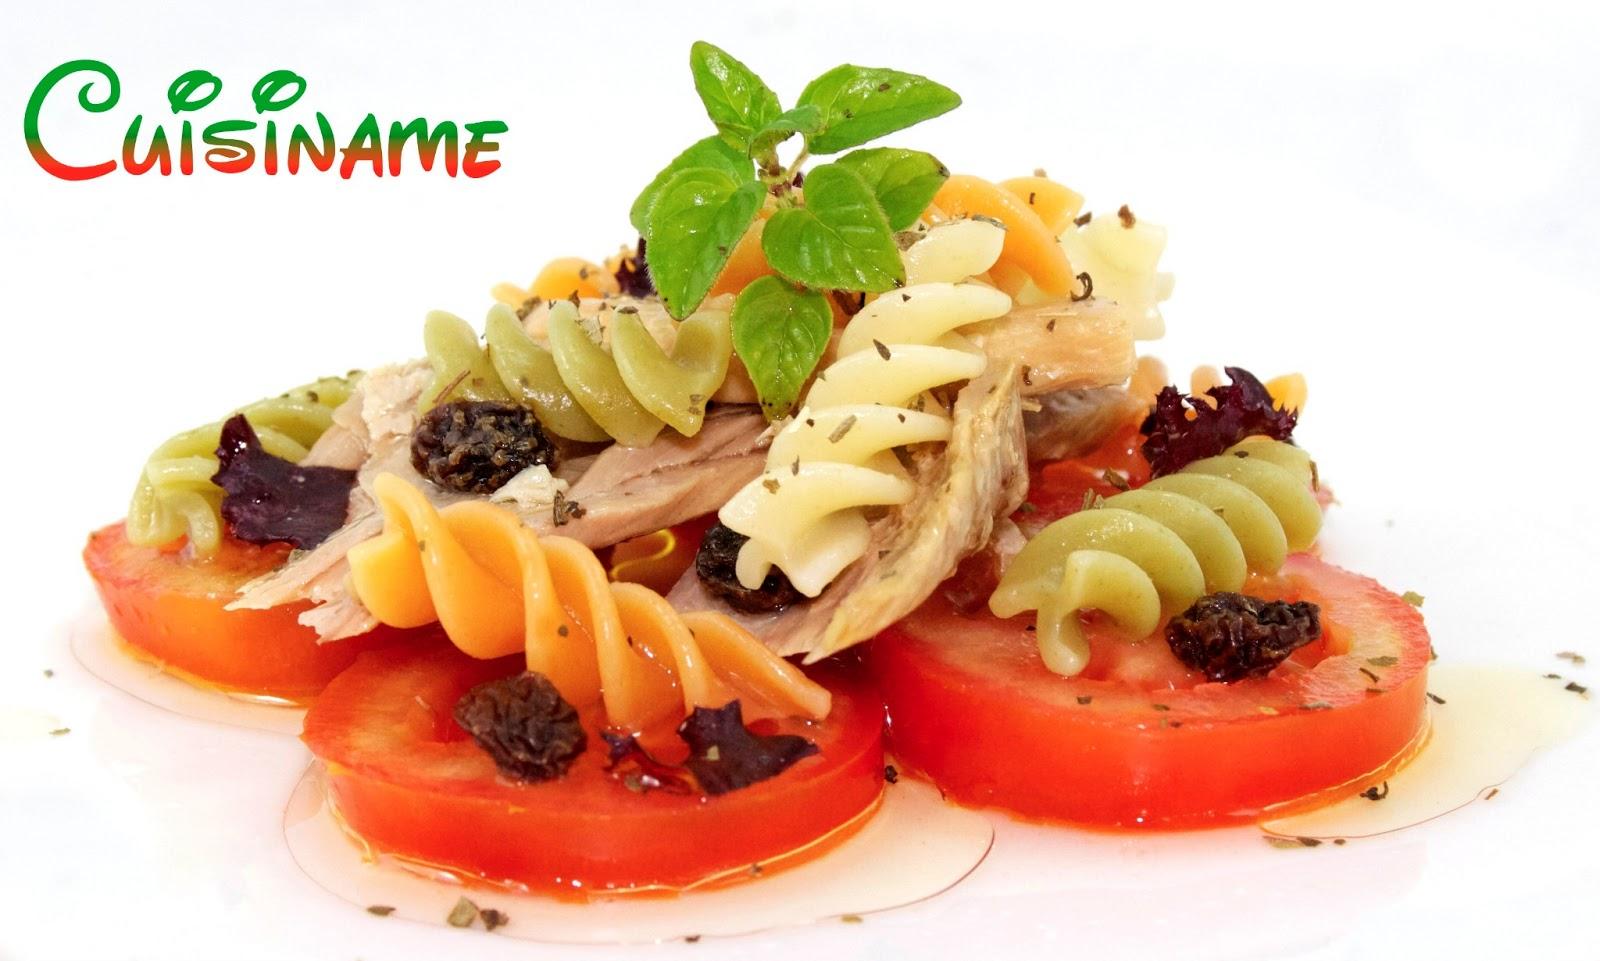 Recetas De Cocina Cuis Name ~ Recetas De Ensaladas Faciles Y Originales